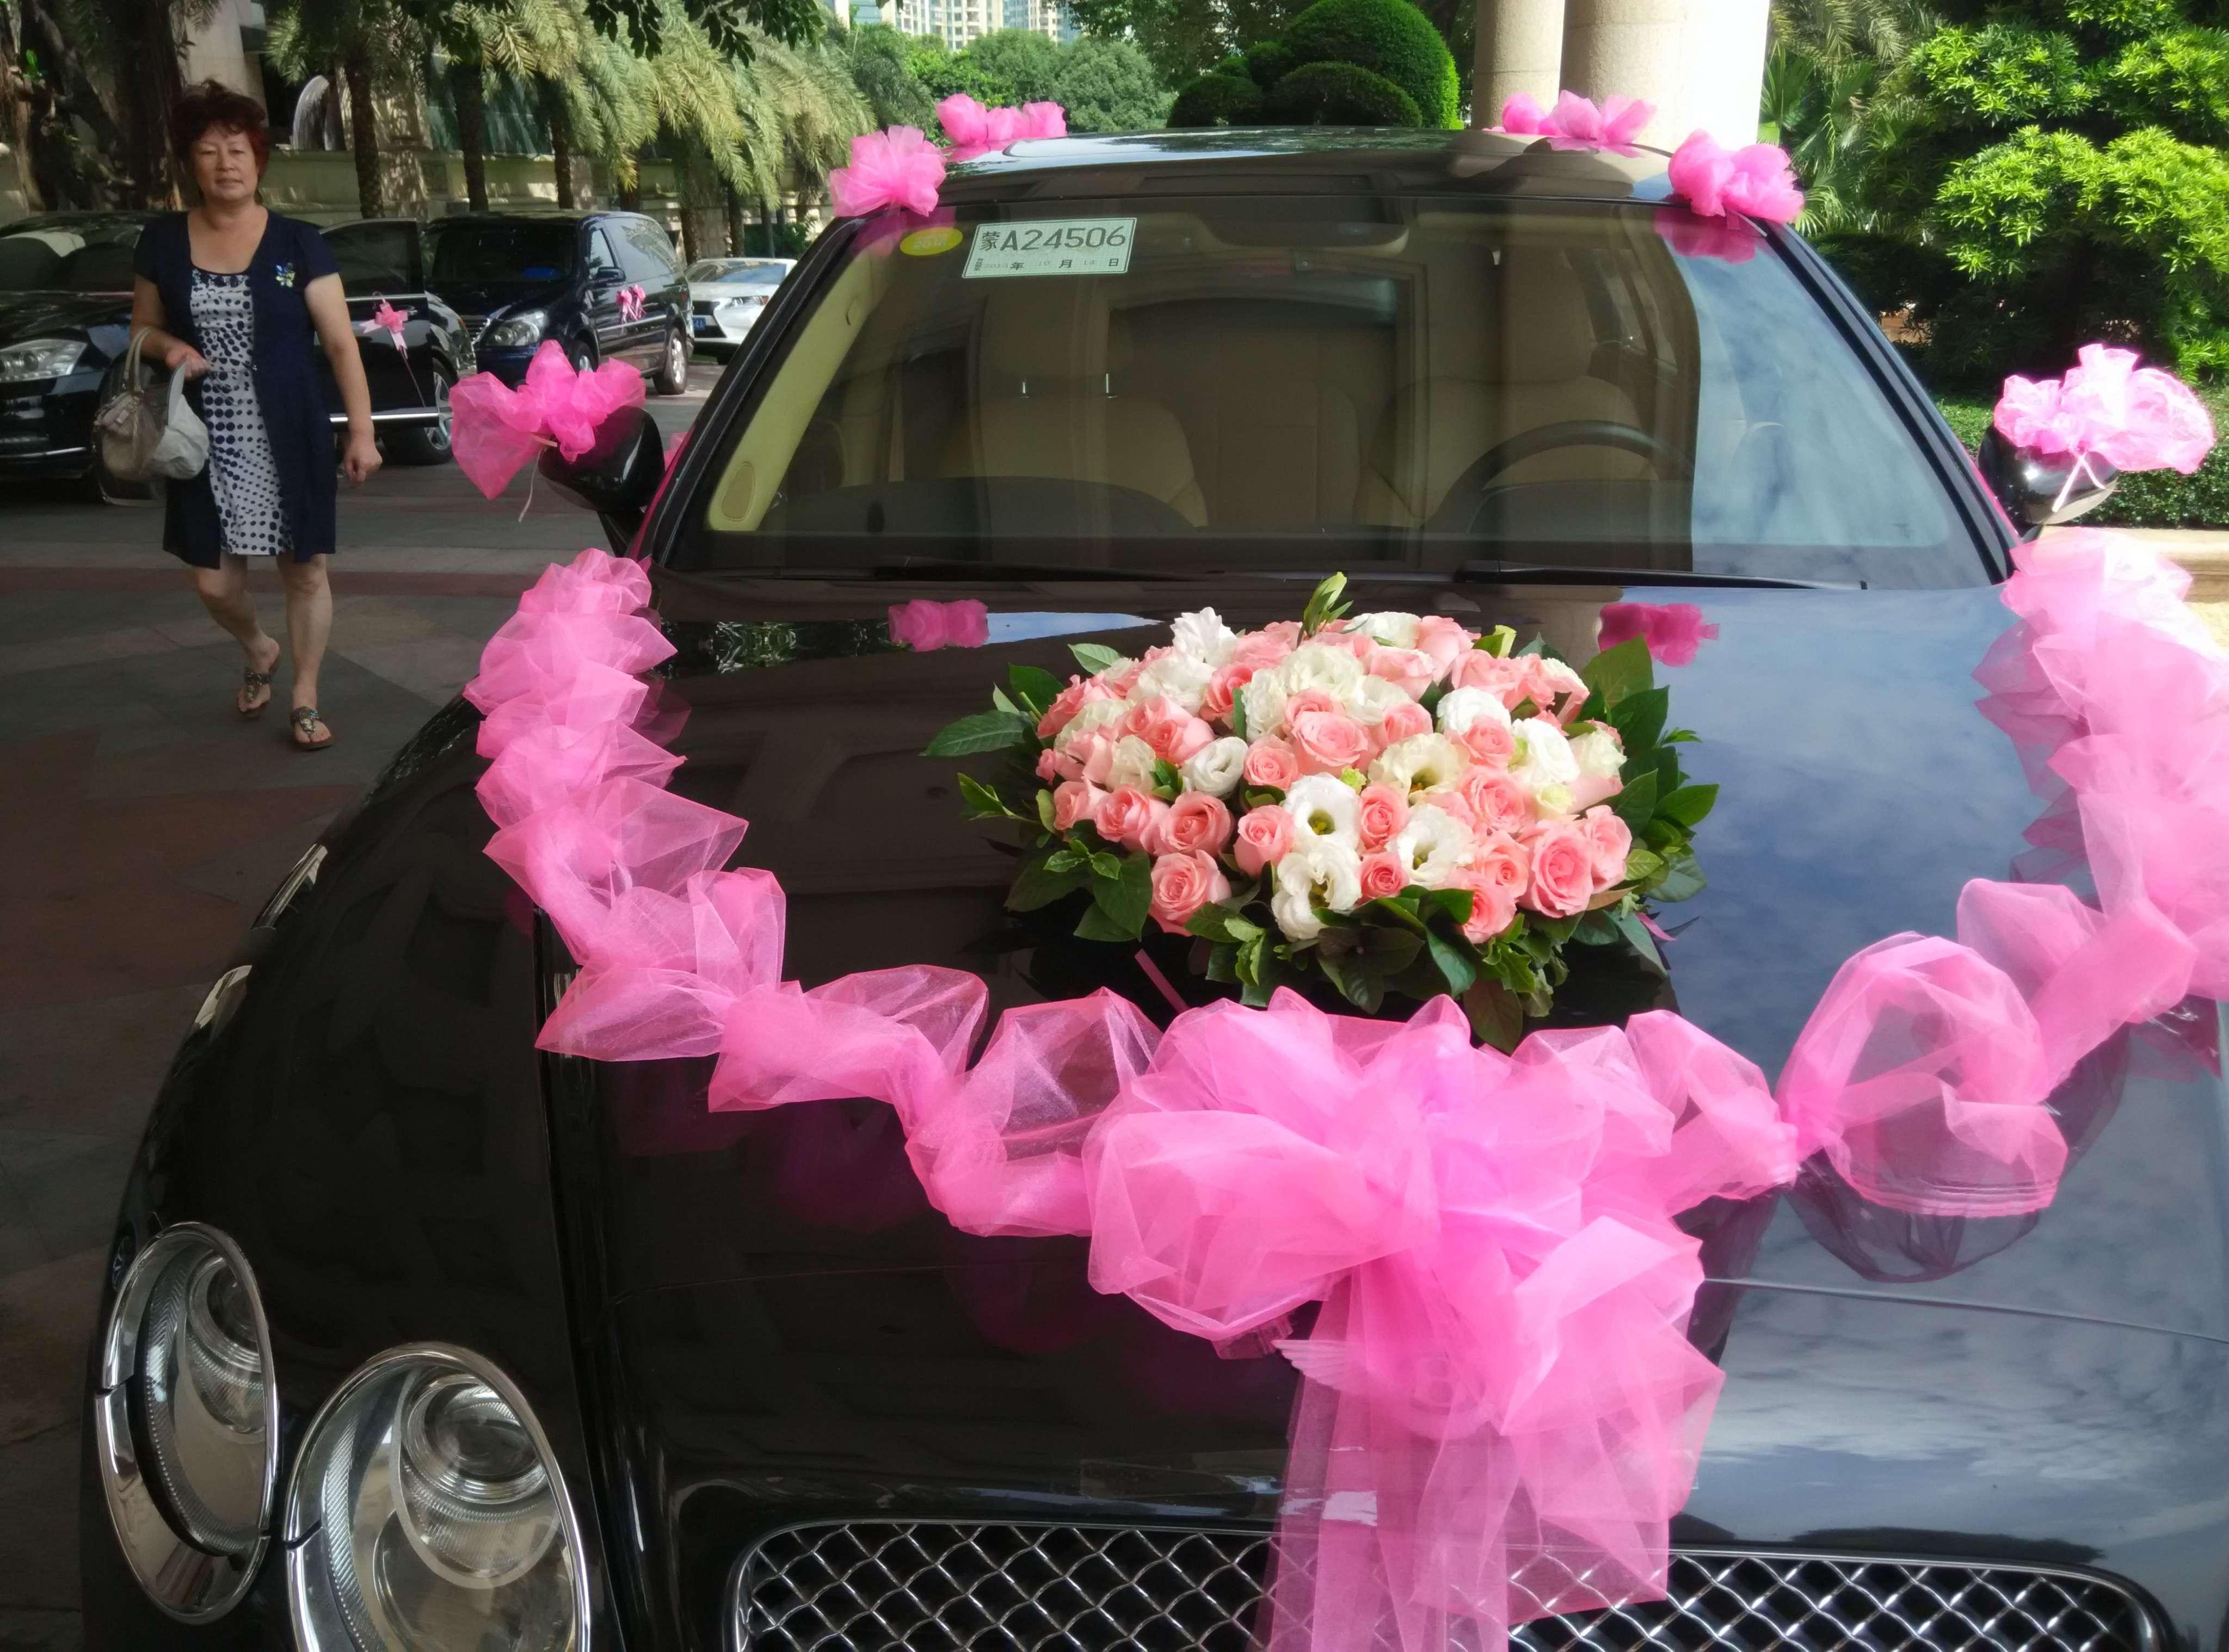 精装版鲜花花束装饰v型丝带车头 鲜花 婚庆婚车套餐